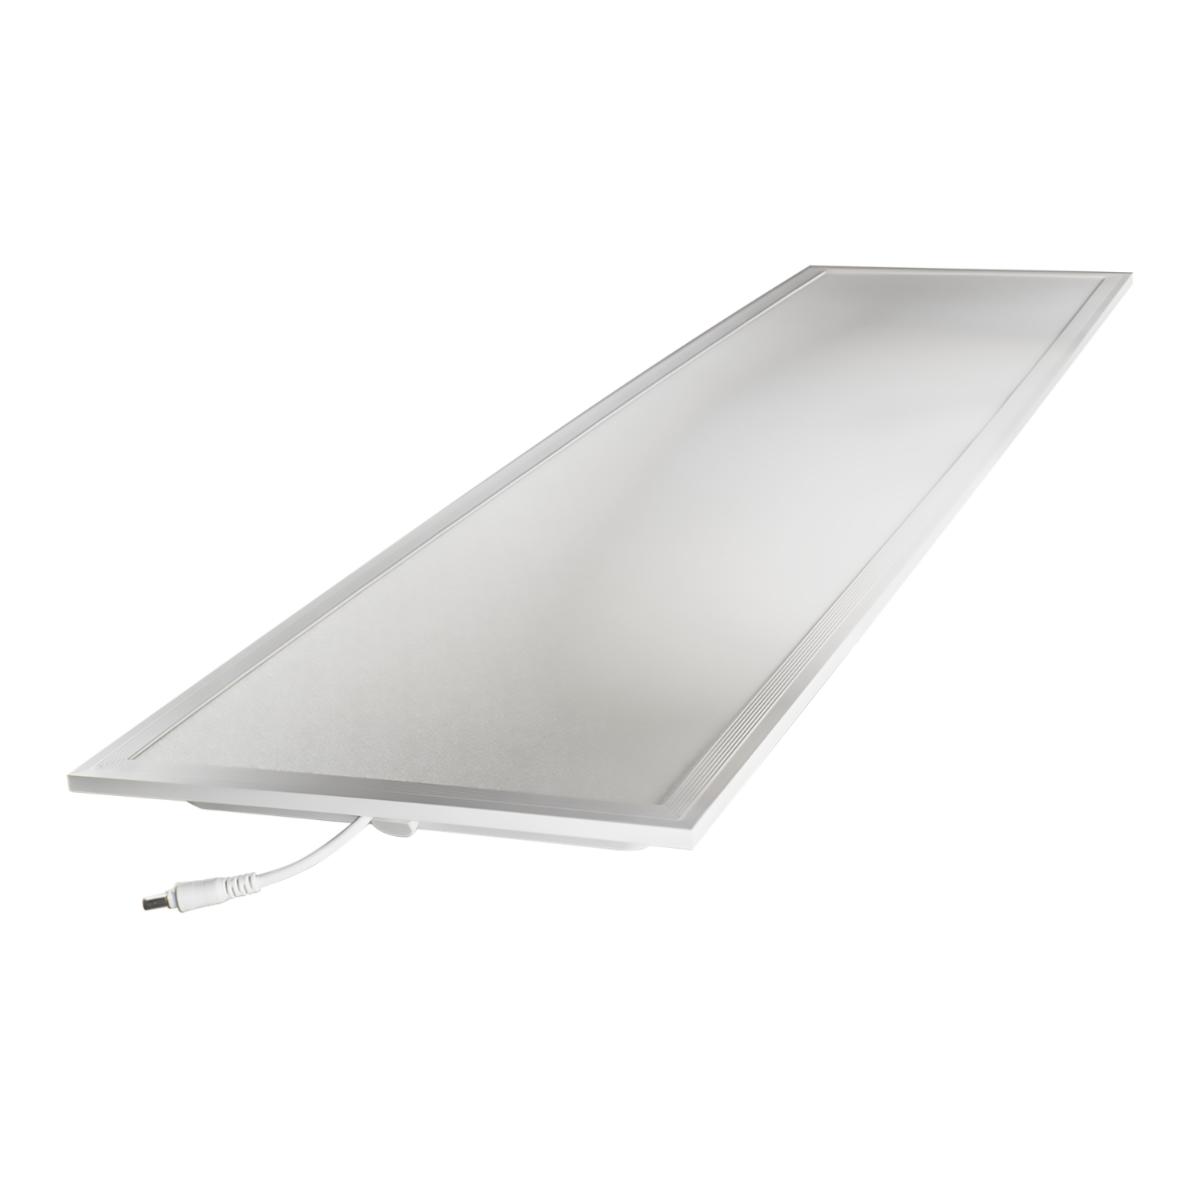 Noxion LED Paneeli Econox 32W Xitanium DALI 30x120cm 4000K 4400lm UGR <22   Dali Himmennettävä - Kylmä Valkoinen - Korvaa 2x36W